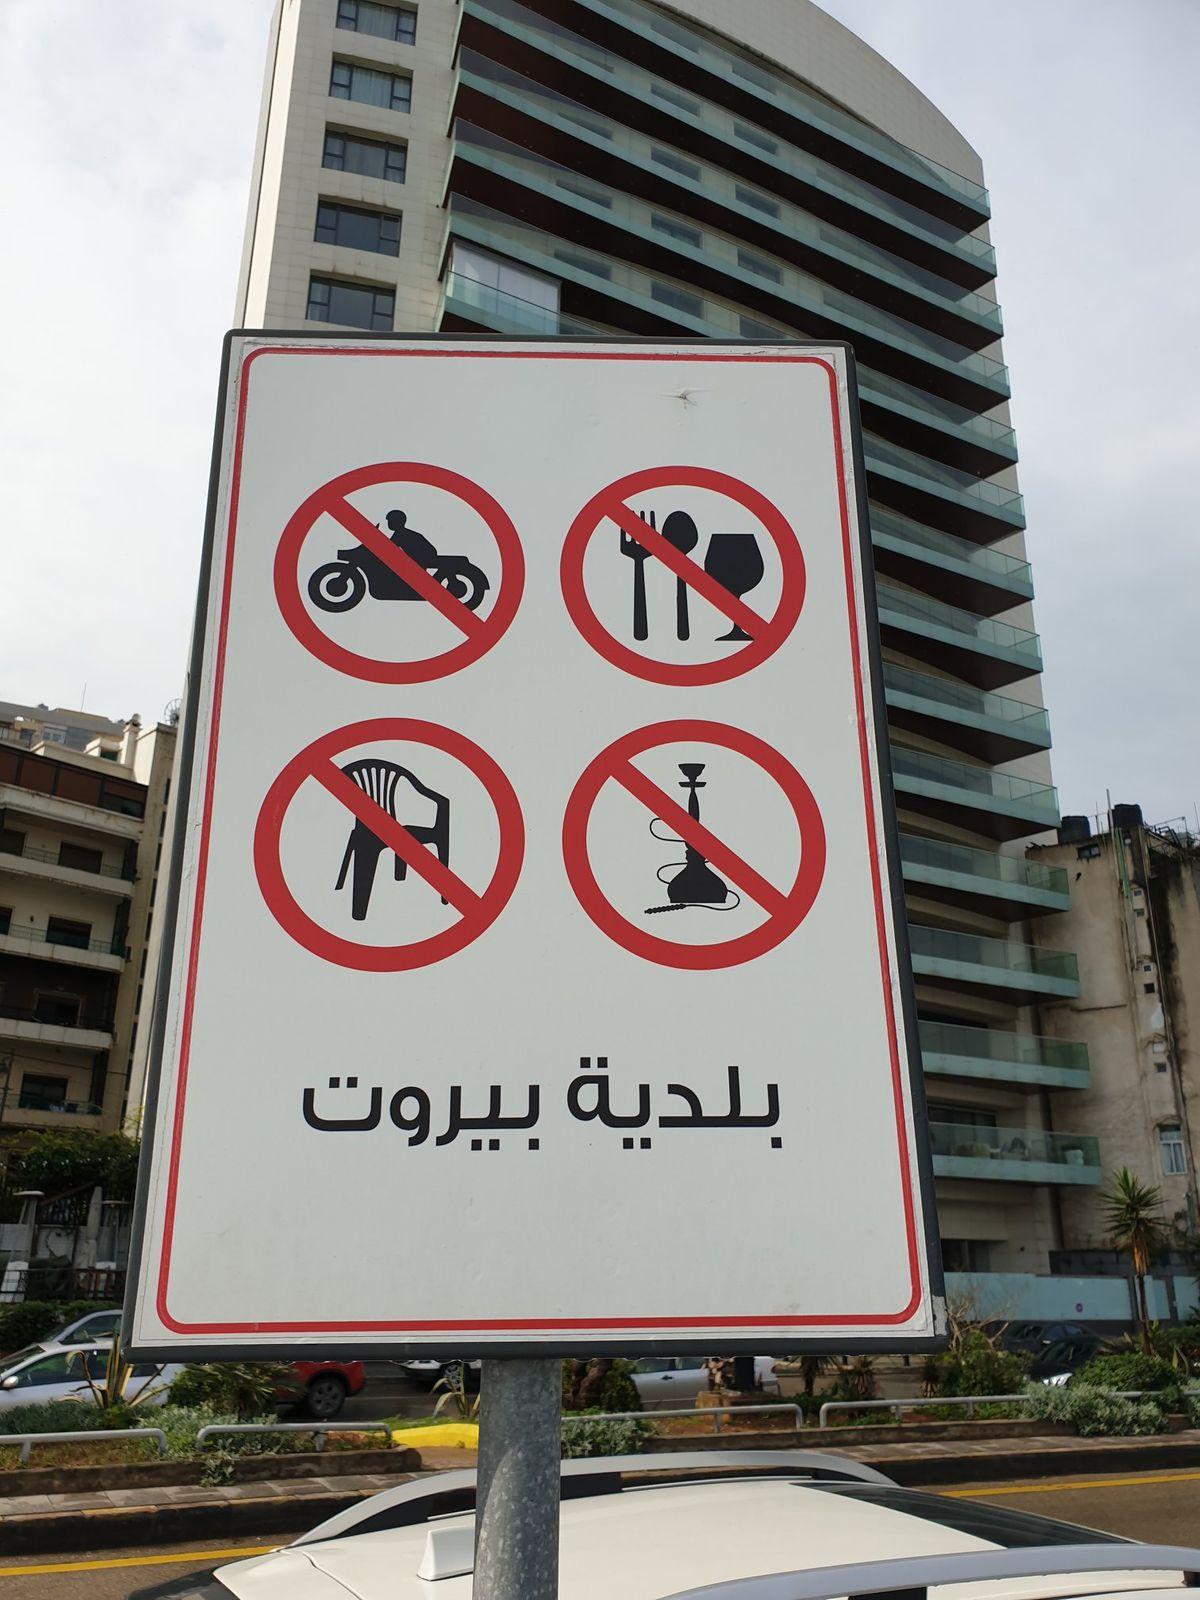 Bejrút a tiltások városa. Az utcán tilos enni, széken ülni, motorozni és vízipipázni.